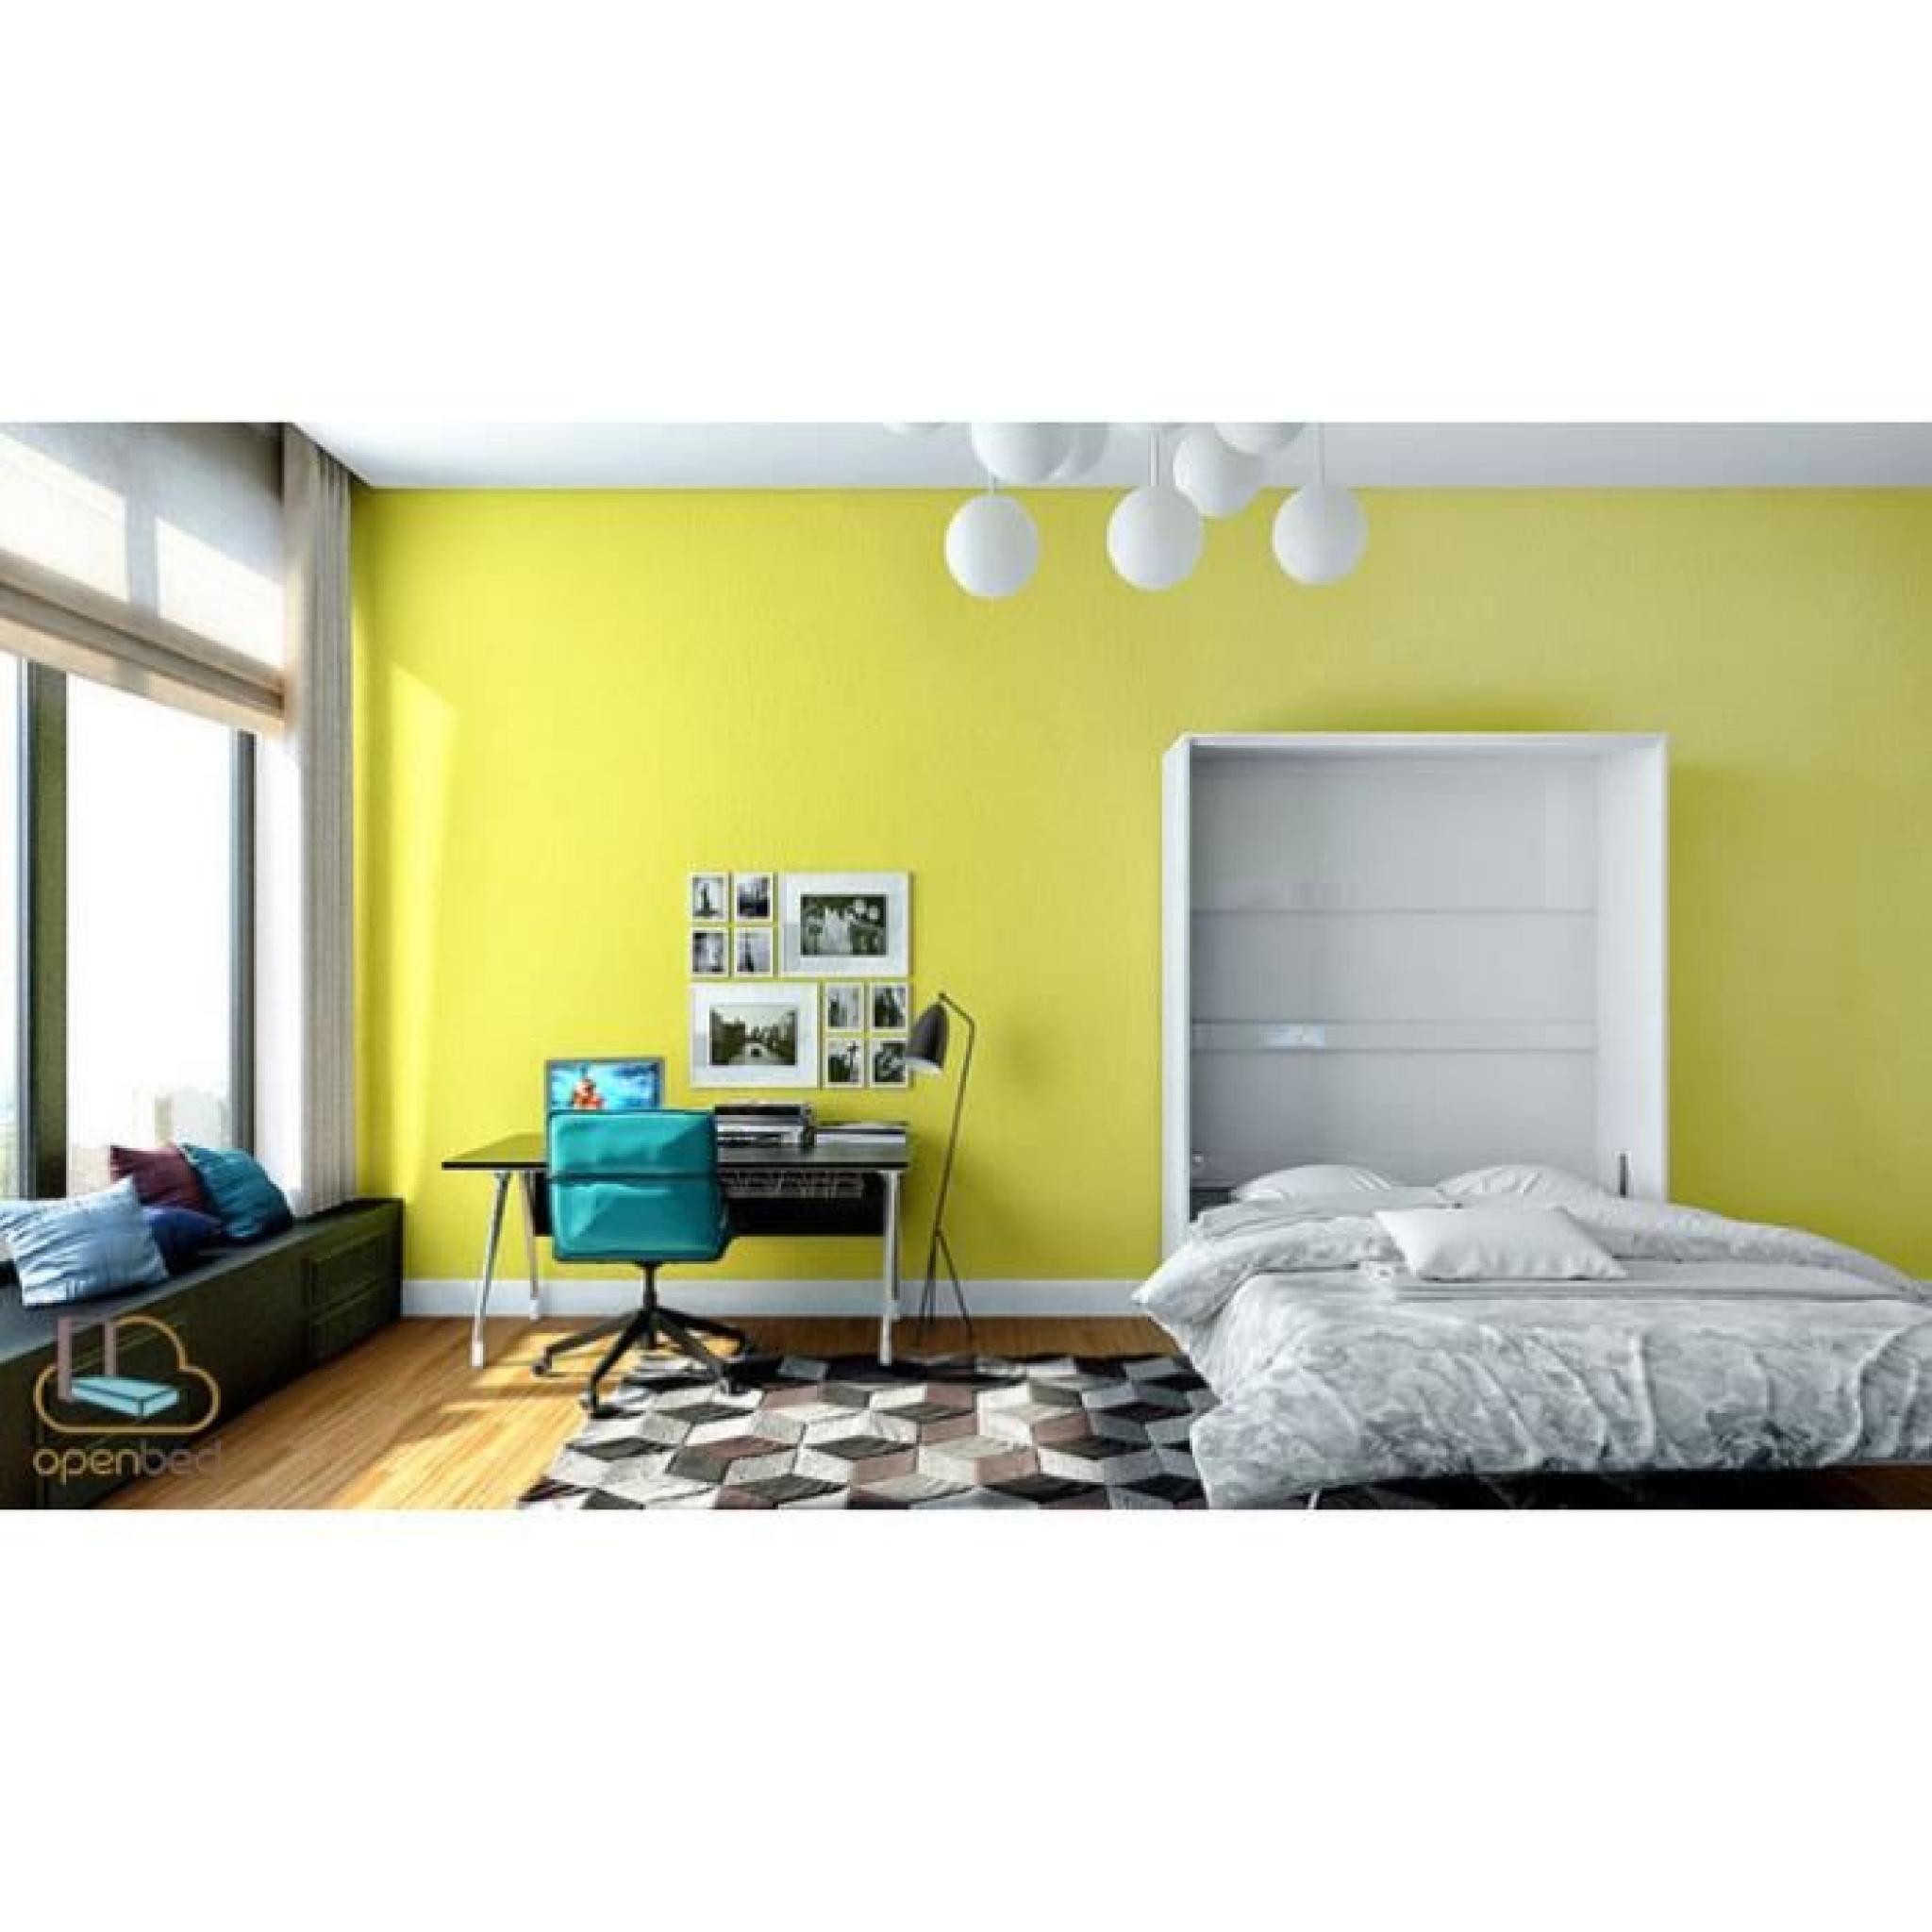 lit escamotable bora vertical 140x200 finition bla achat vente lit escamotable pas cher. Black Bedroom Furniture Sets. Home Design Ideas